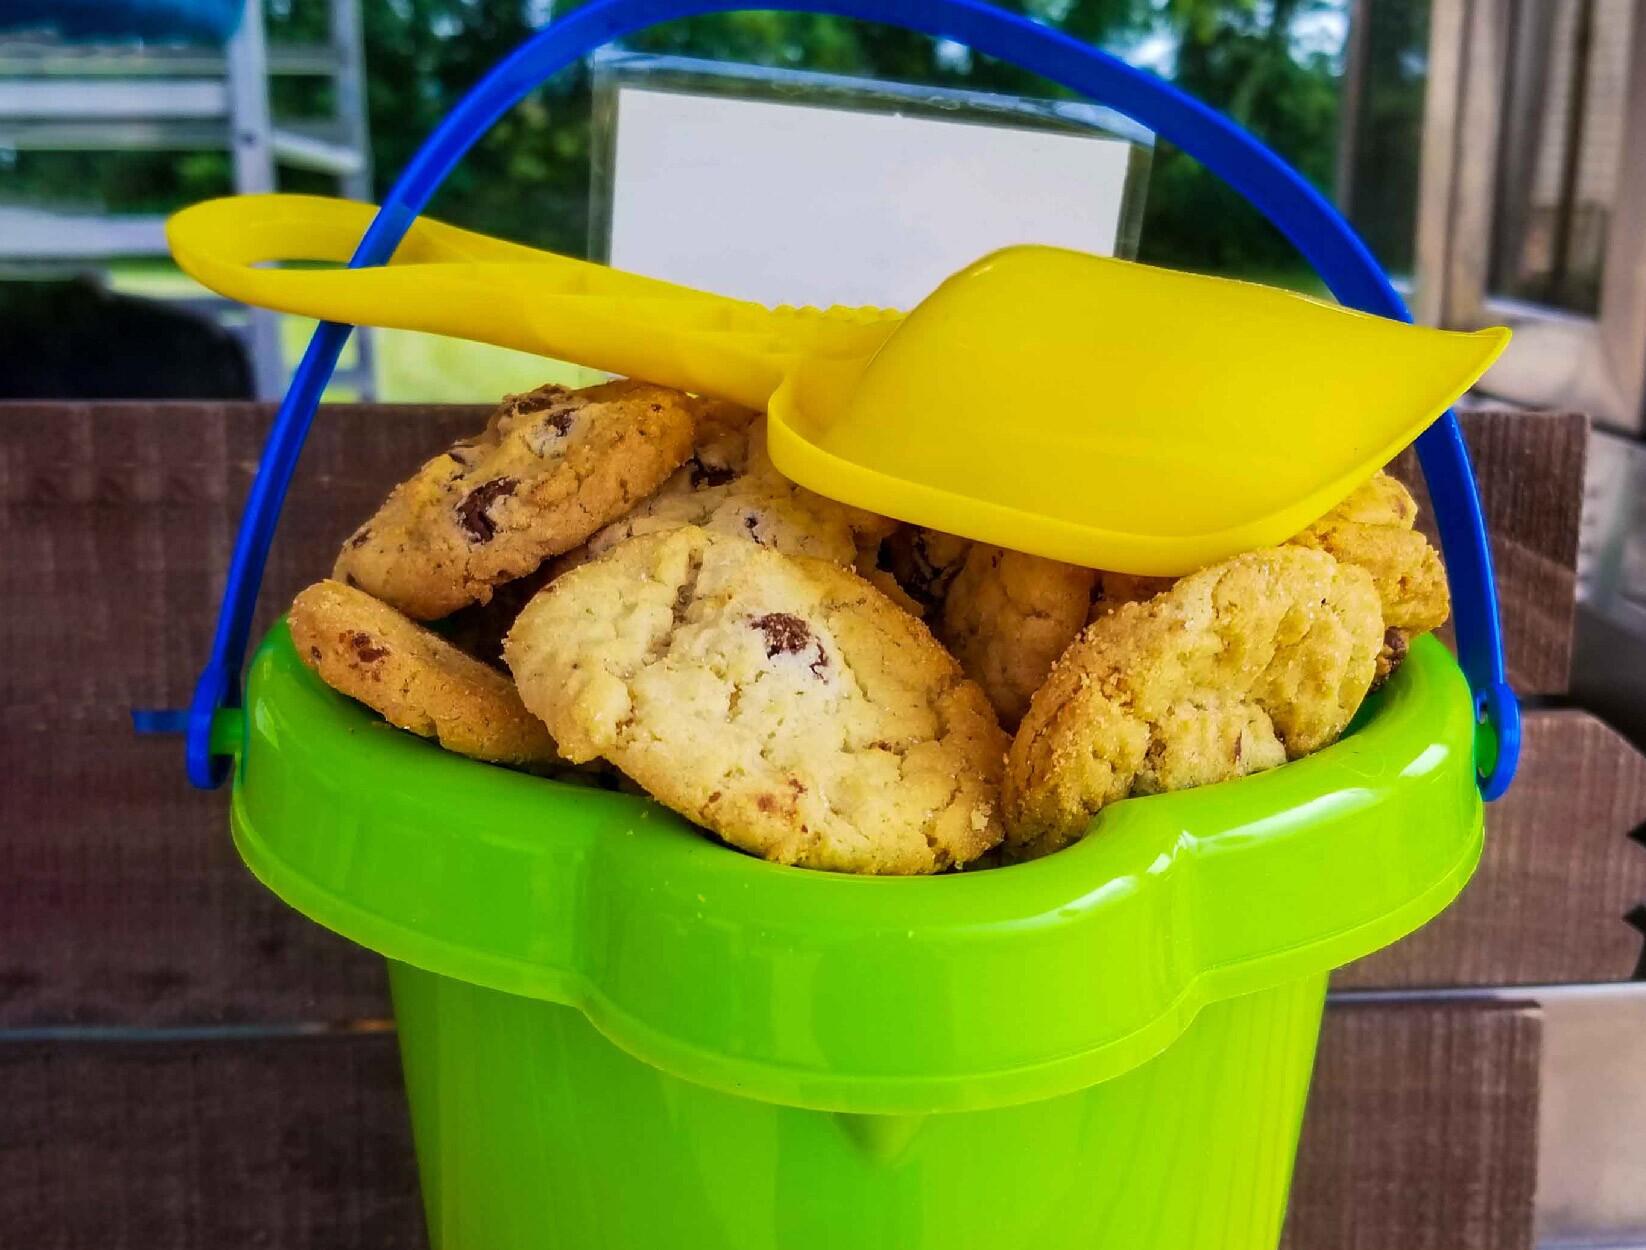 New-Food_Cookie-Bucket.jpg